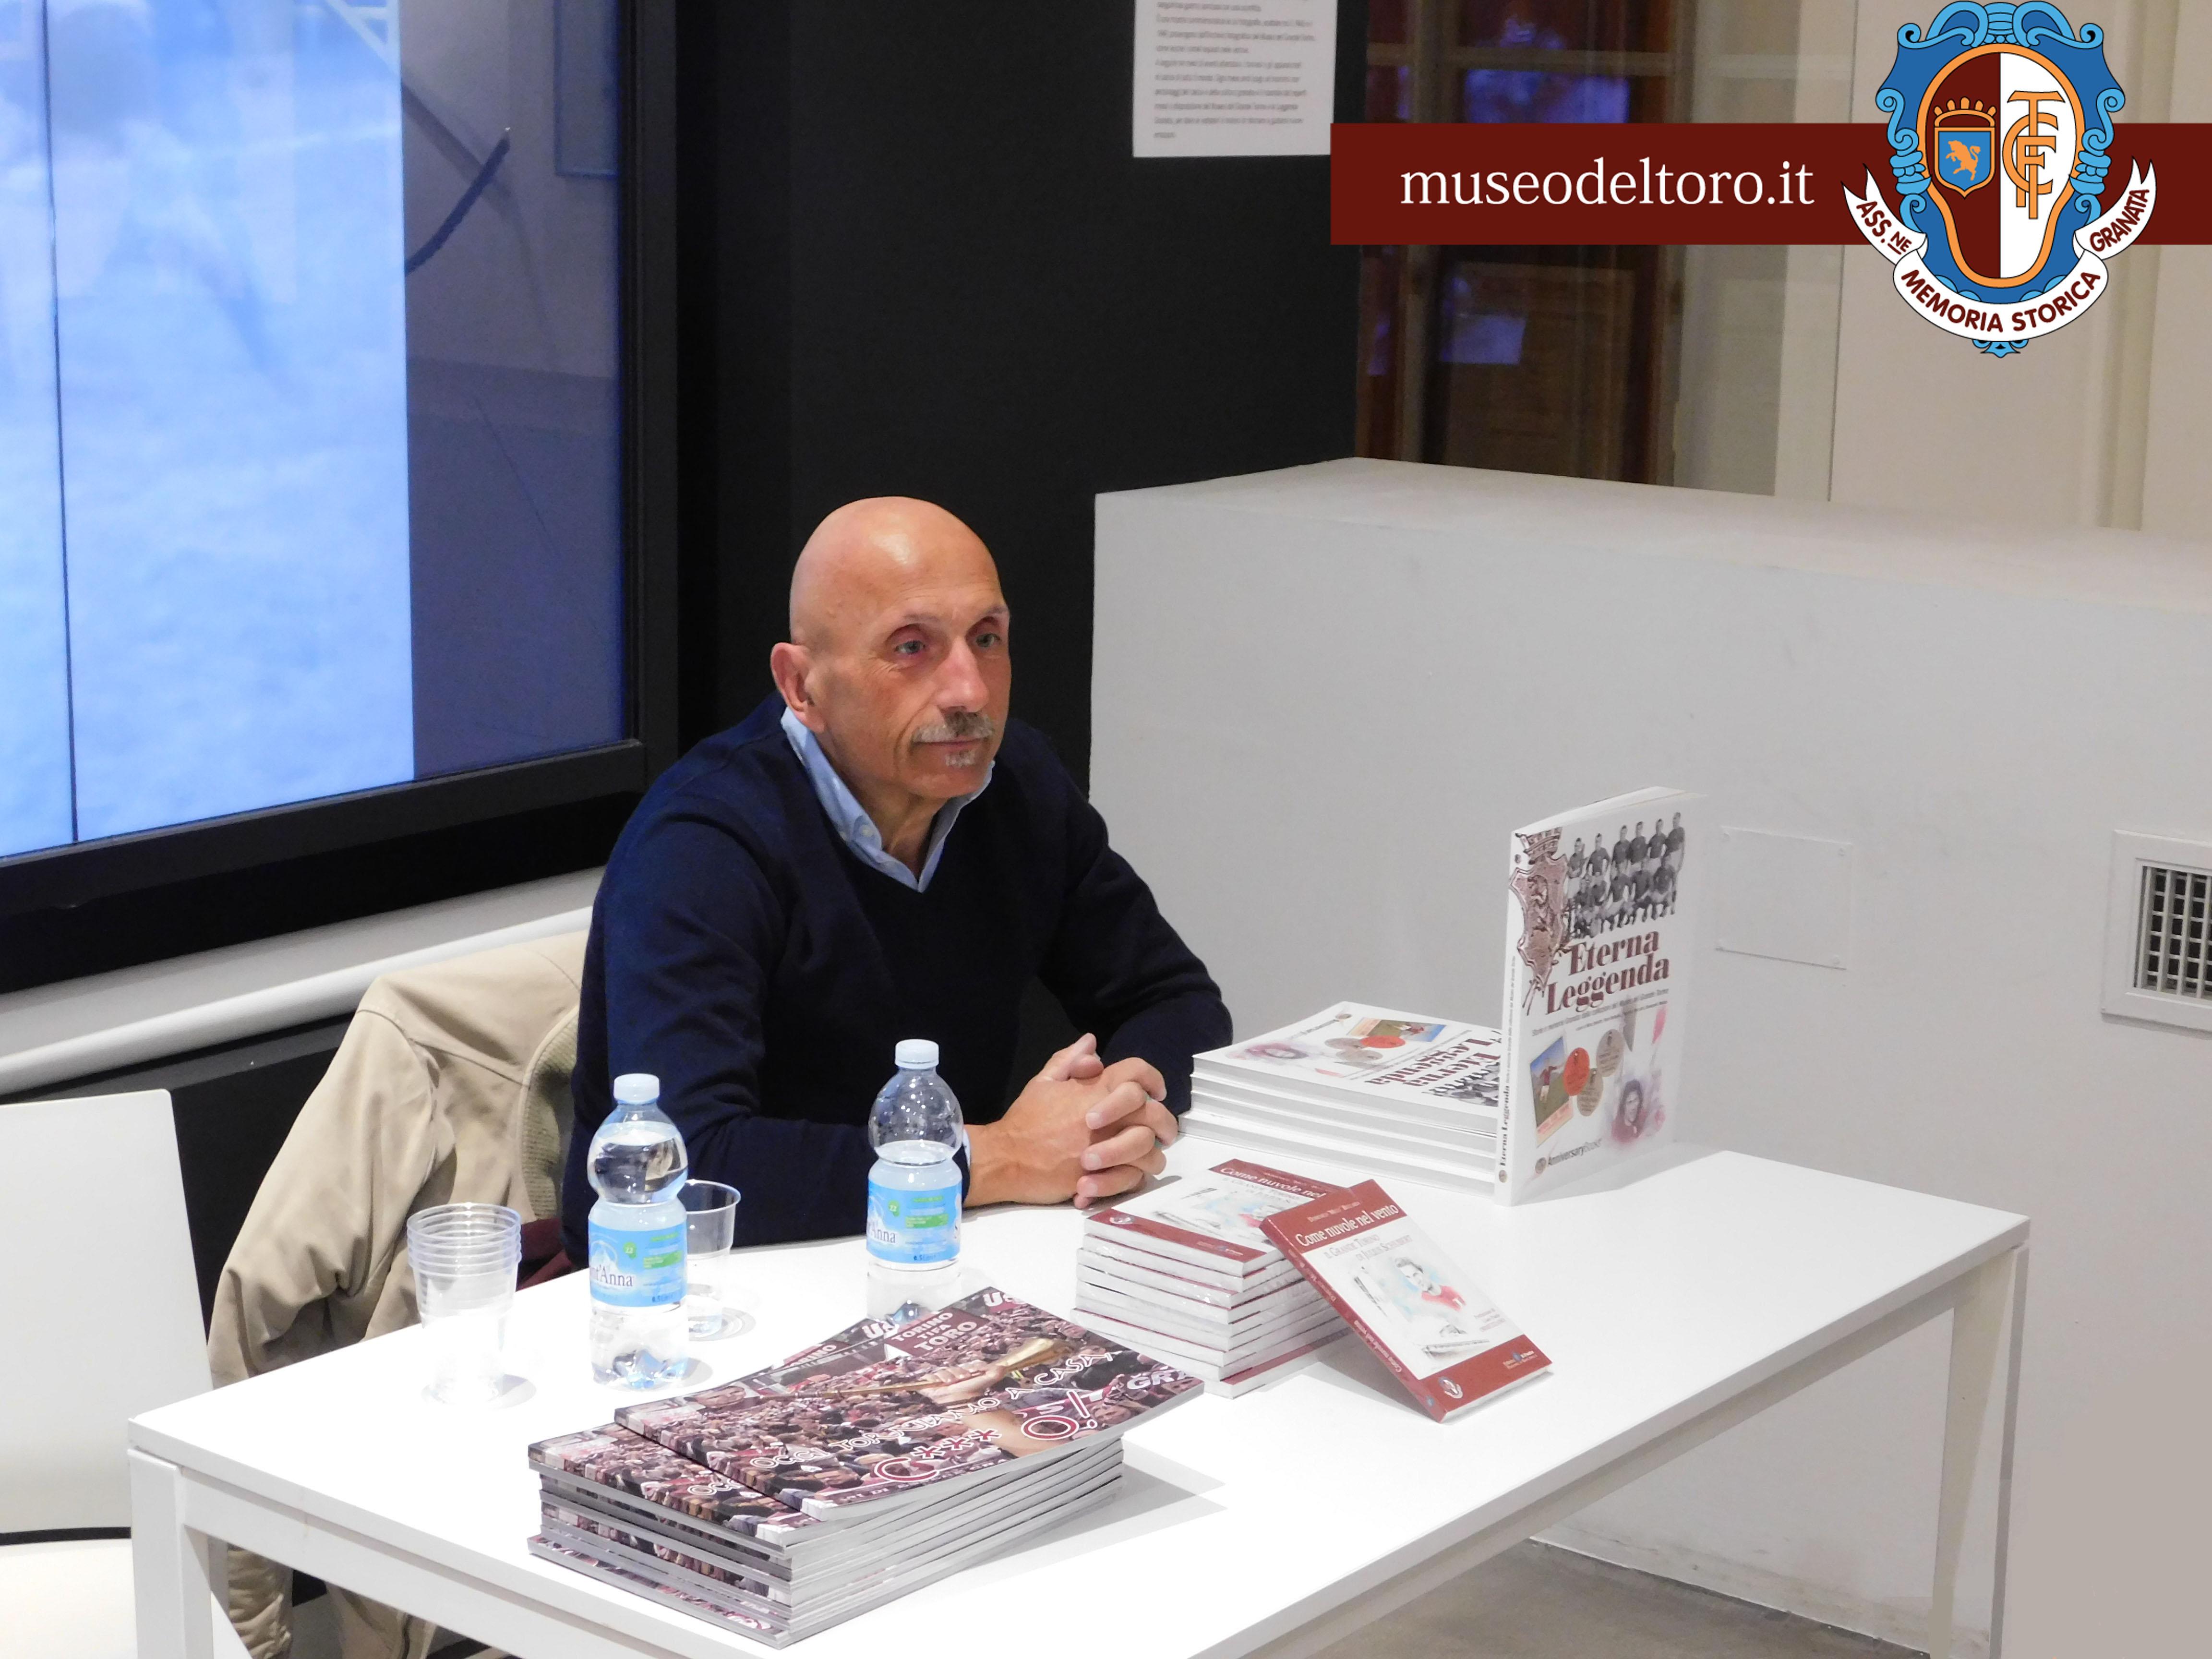 BECCARIA RACCONTA IL GRANDE TORINO ATTRAVERSO LA BIBLIOTECA DEL MUSEO